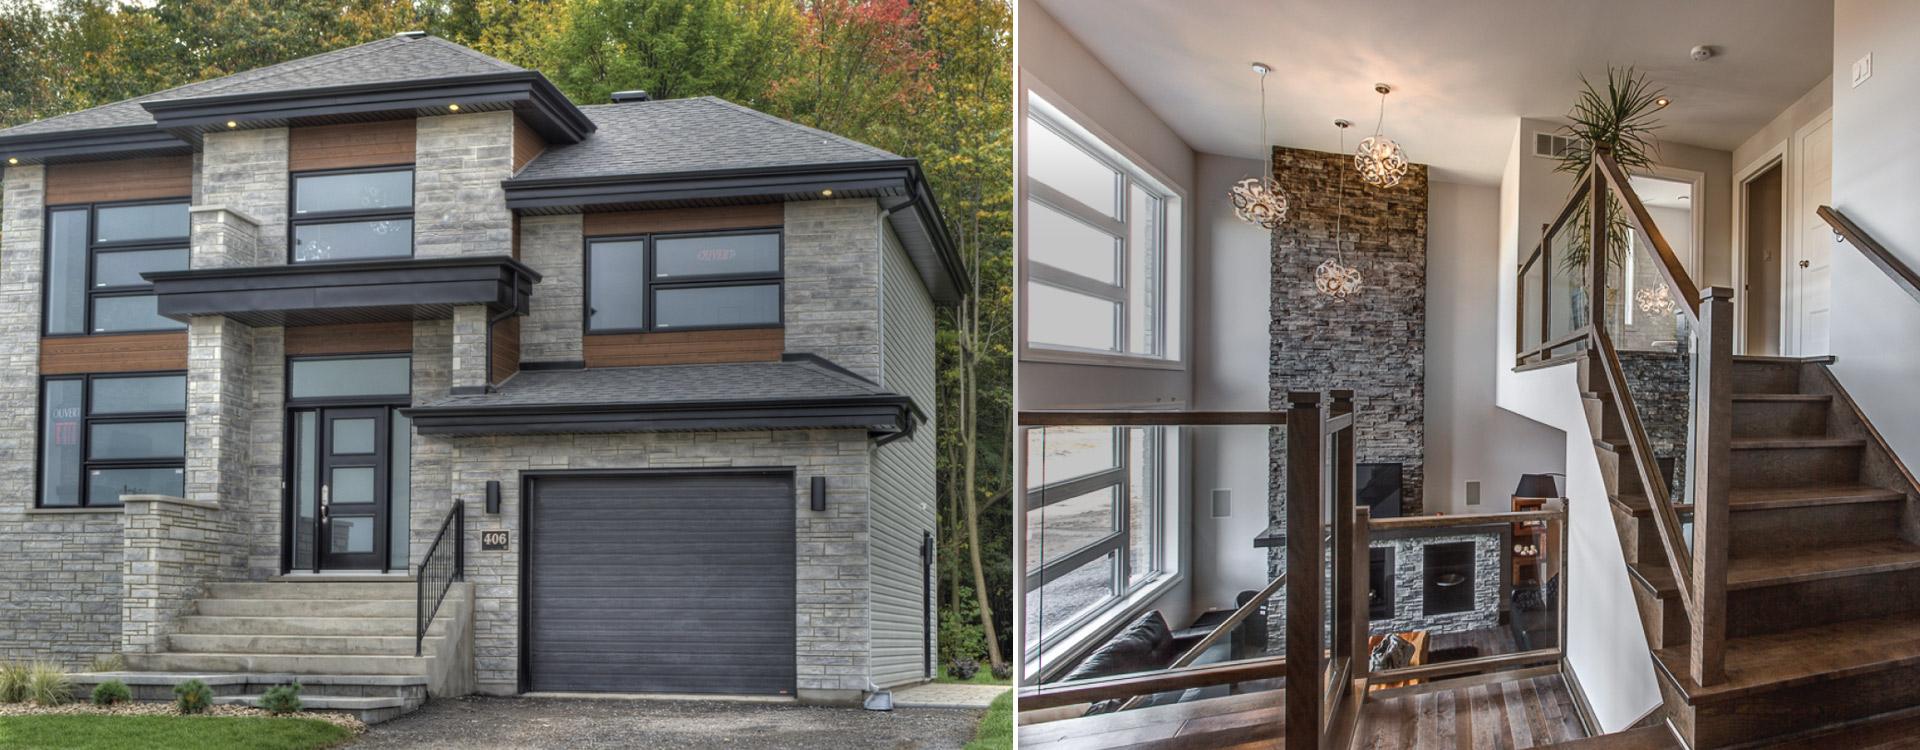 Maisons neuves vendre rive sud de montr al chambly et for Habitation neuve